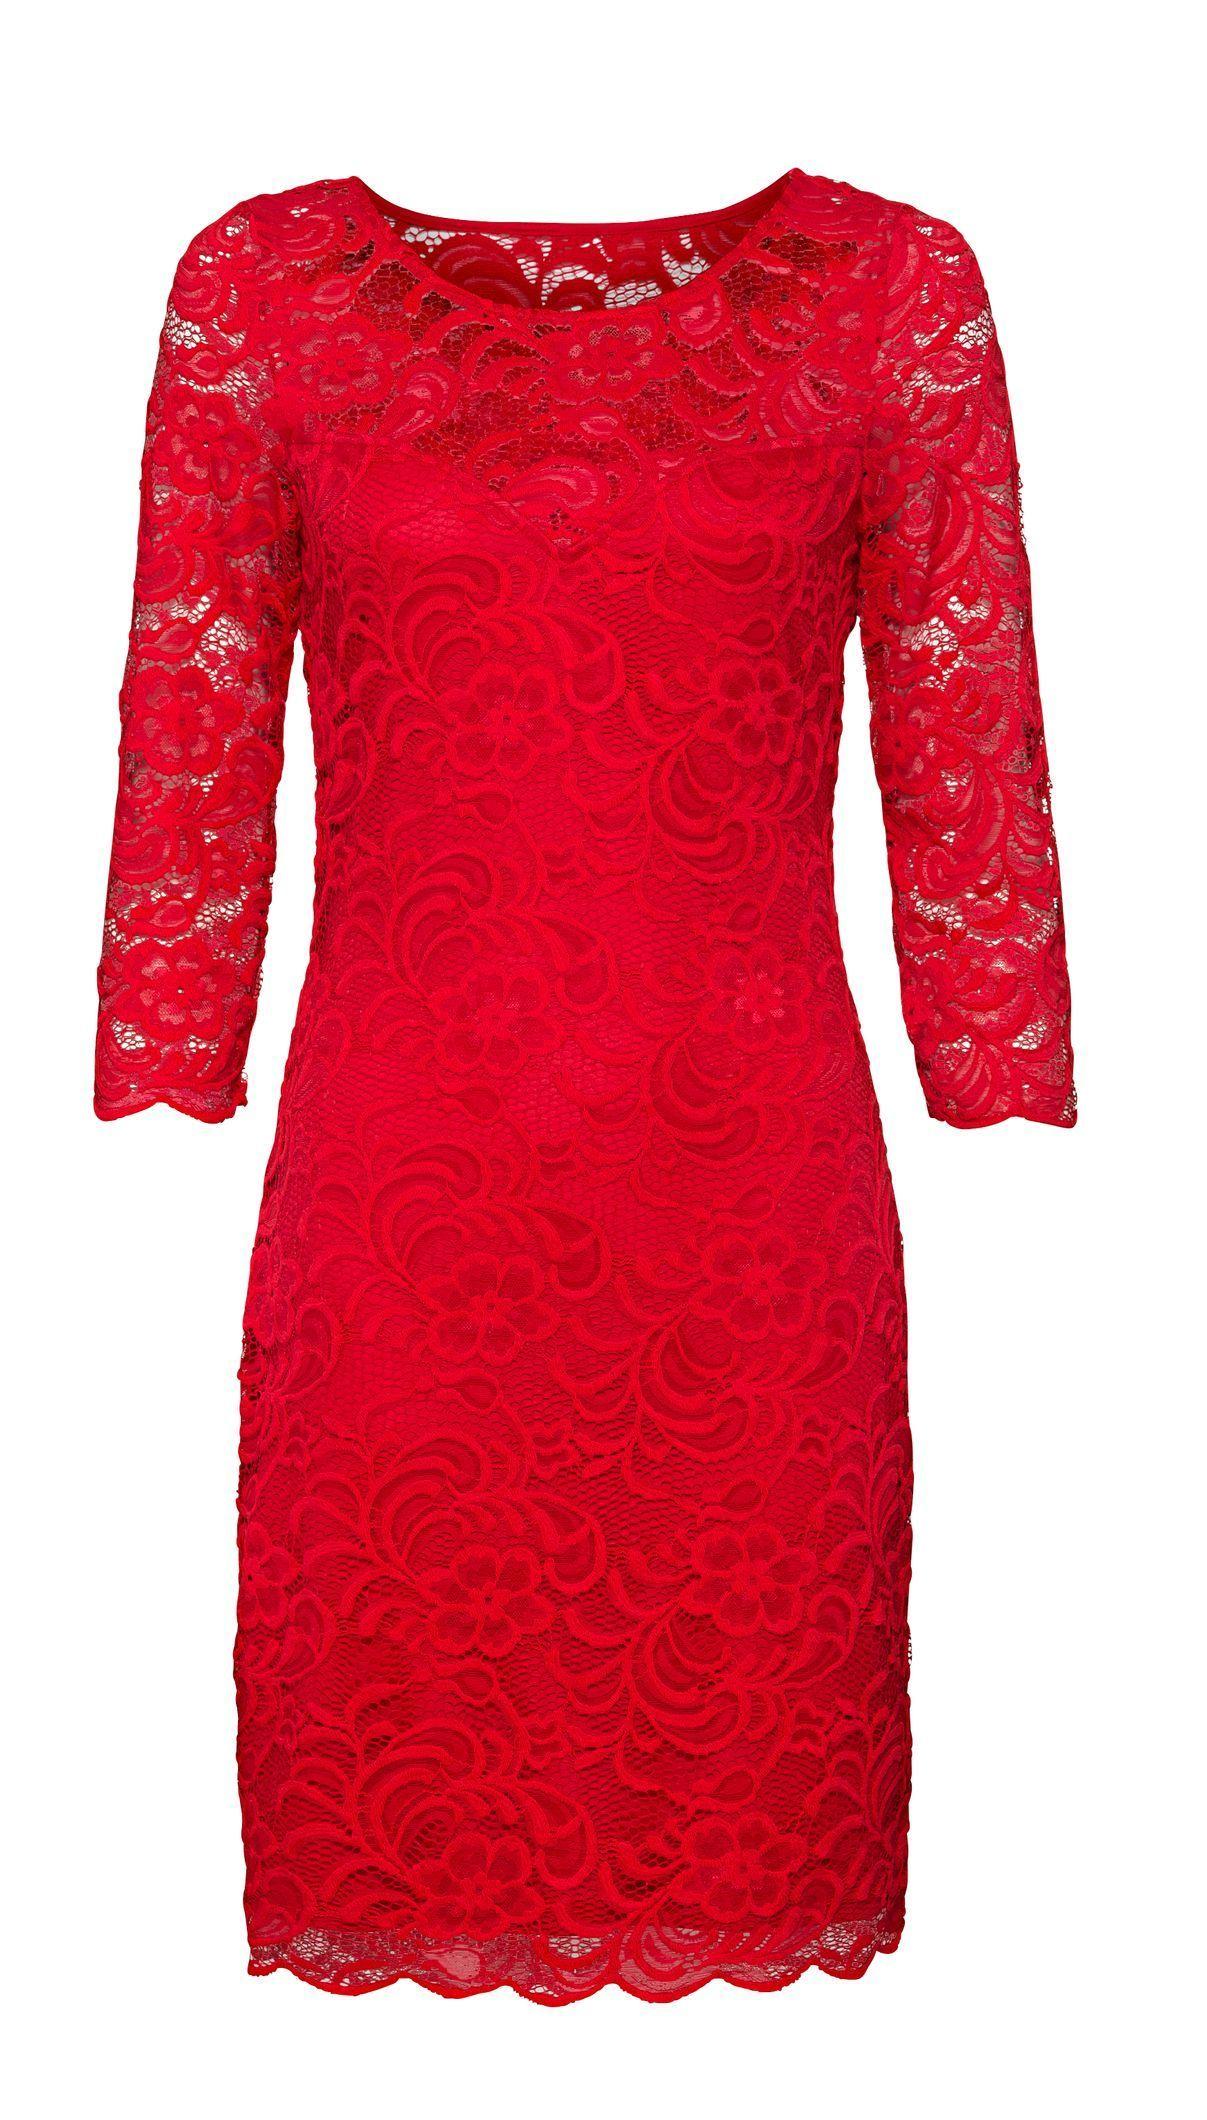 Co si vzít na vánoční večírek  Absolutním hitem jsou červené šaty. 12 26  Prohlédnout znovu Zavřít galerii. šaty e76ee53456